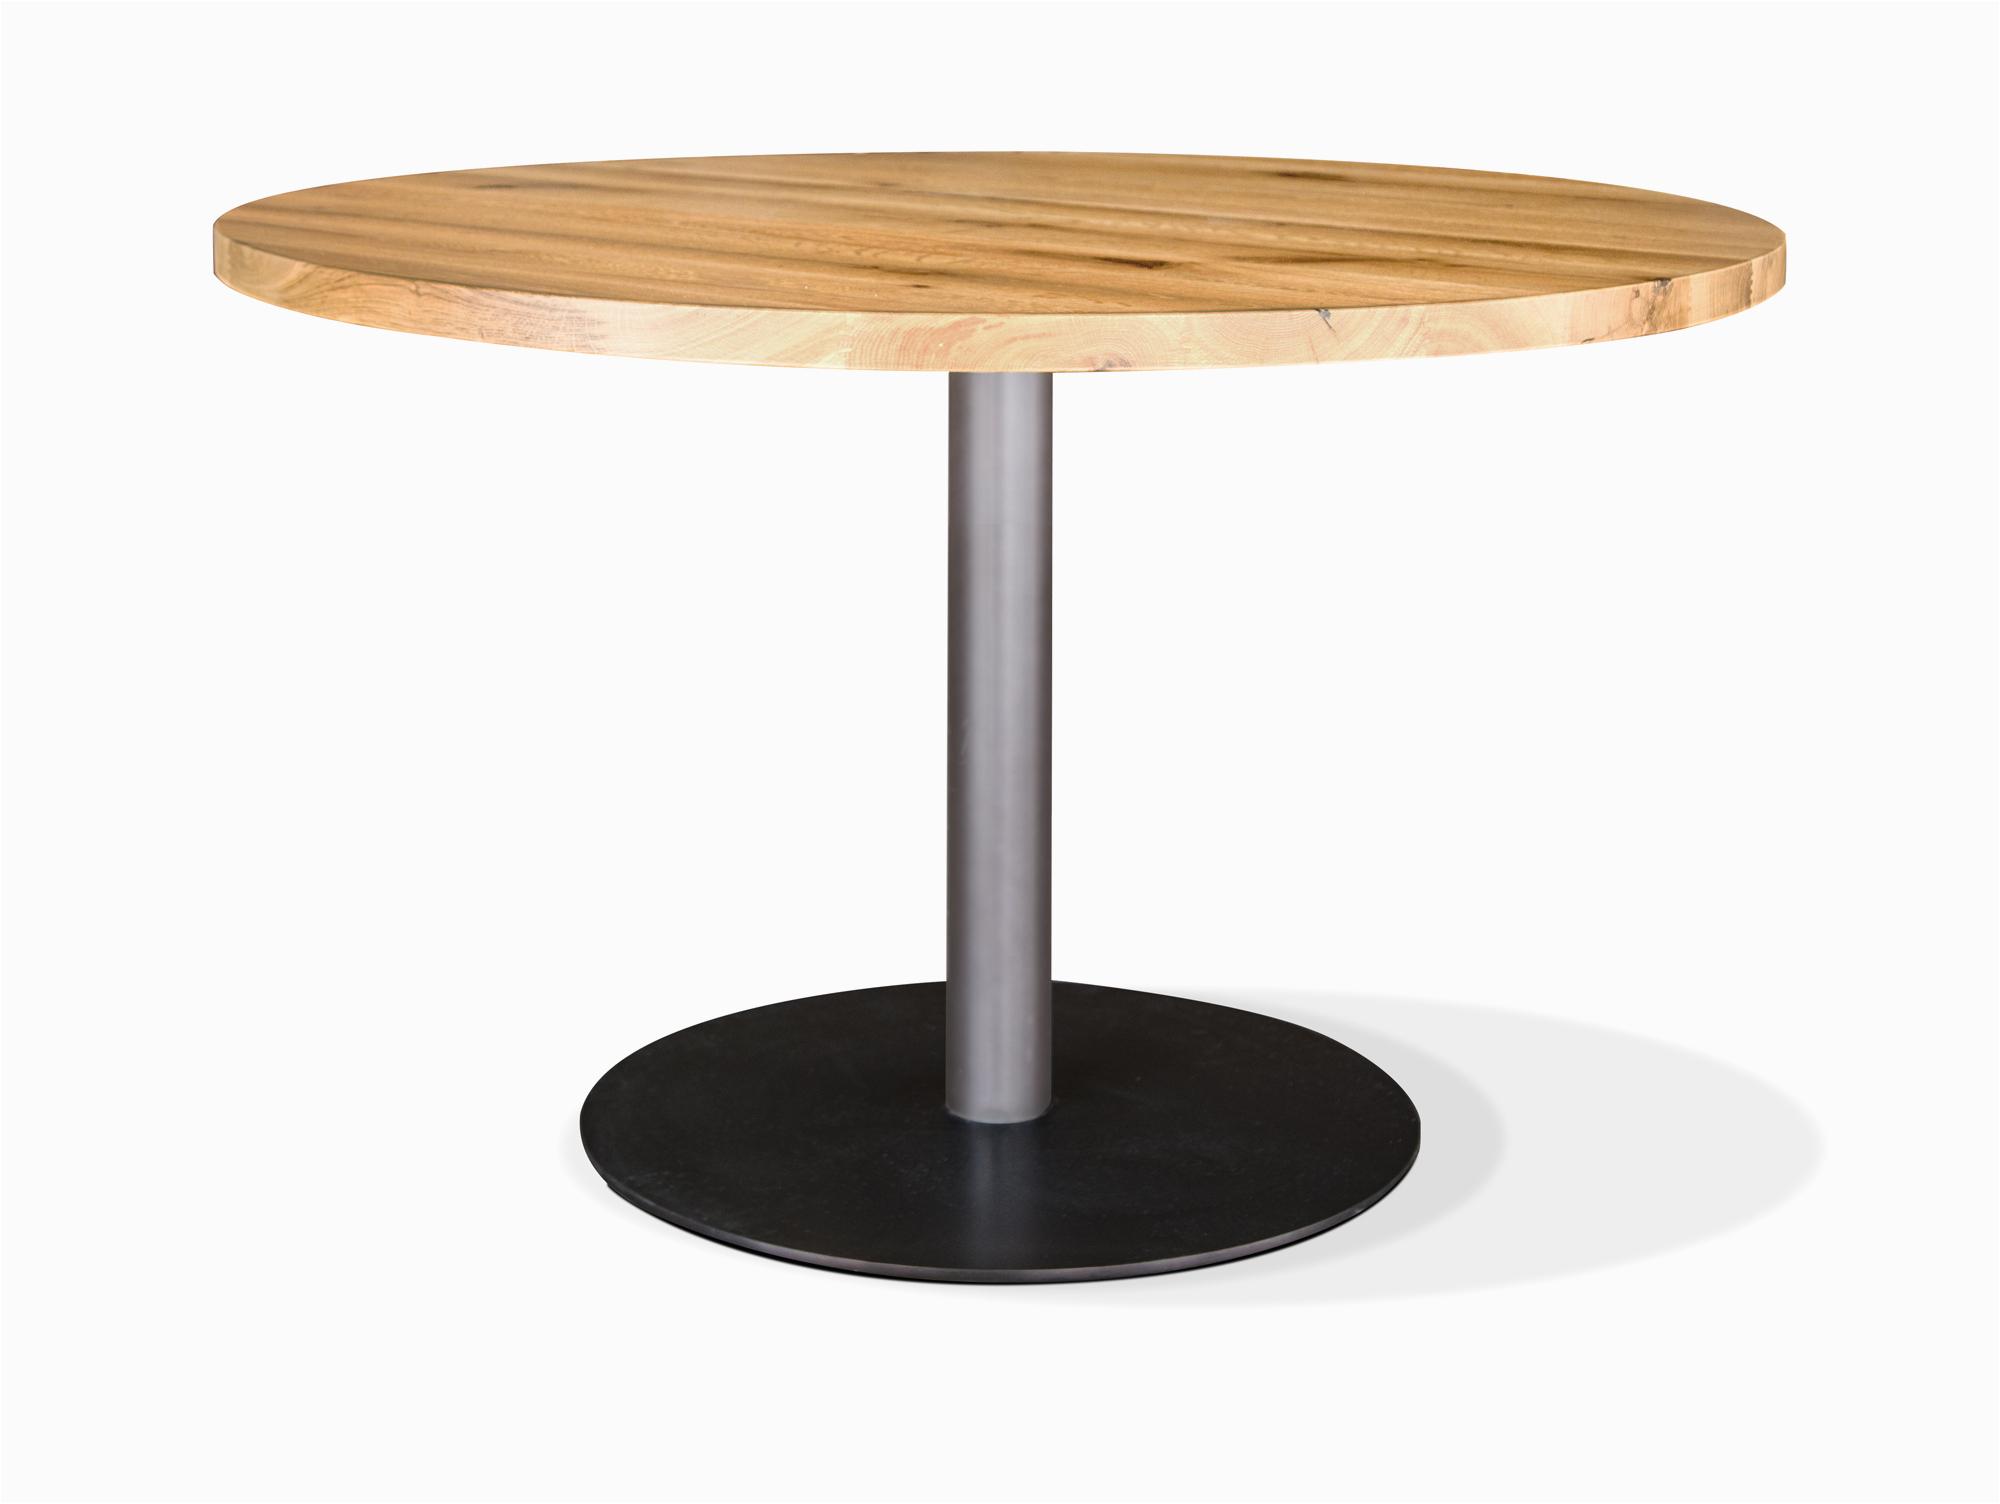 esstisch rund 100 cm beautiful bild tisch glastisch kuchentisch beistelltisch esstisch